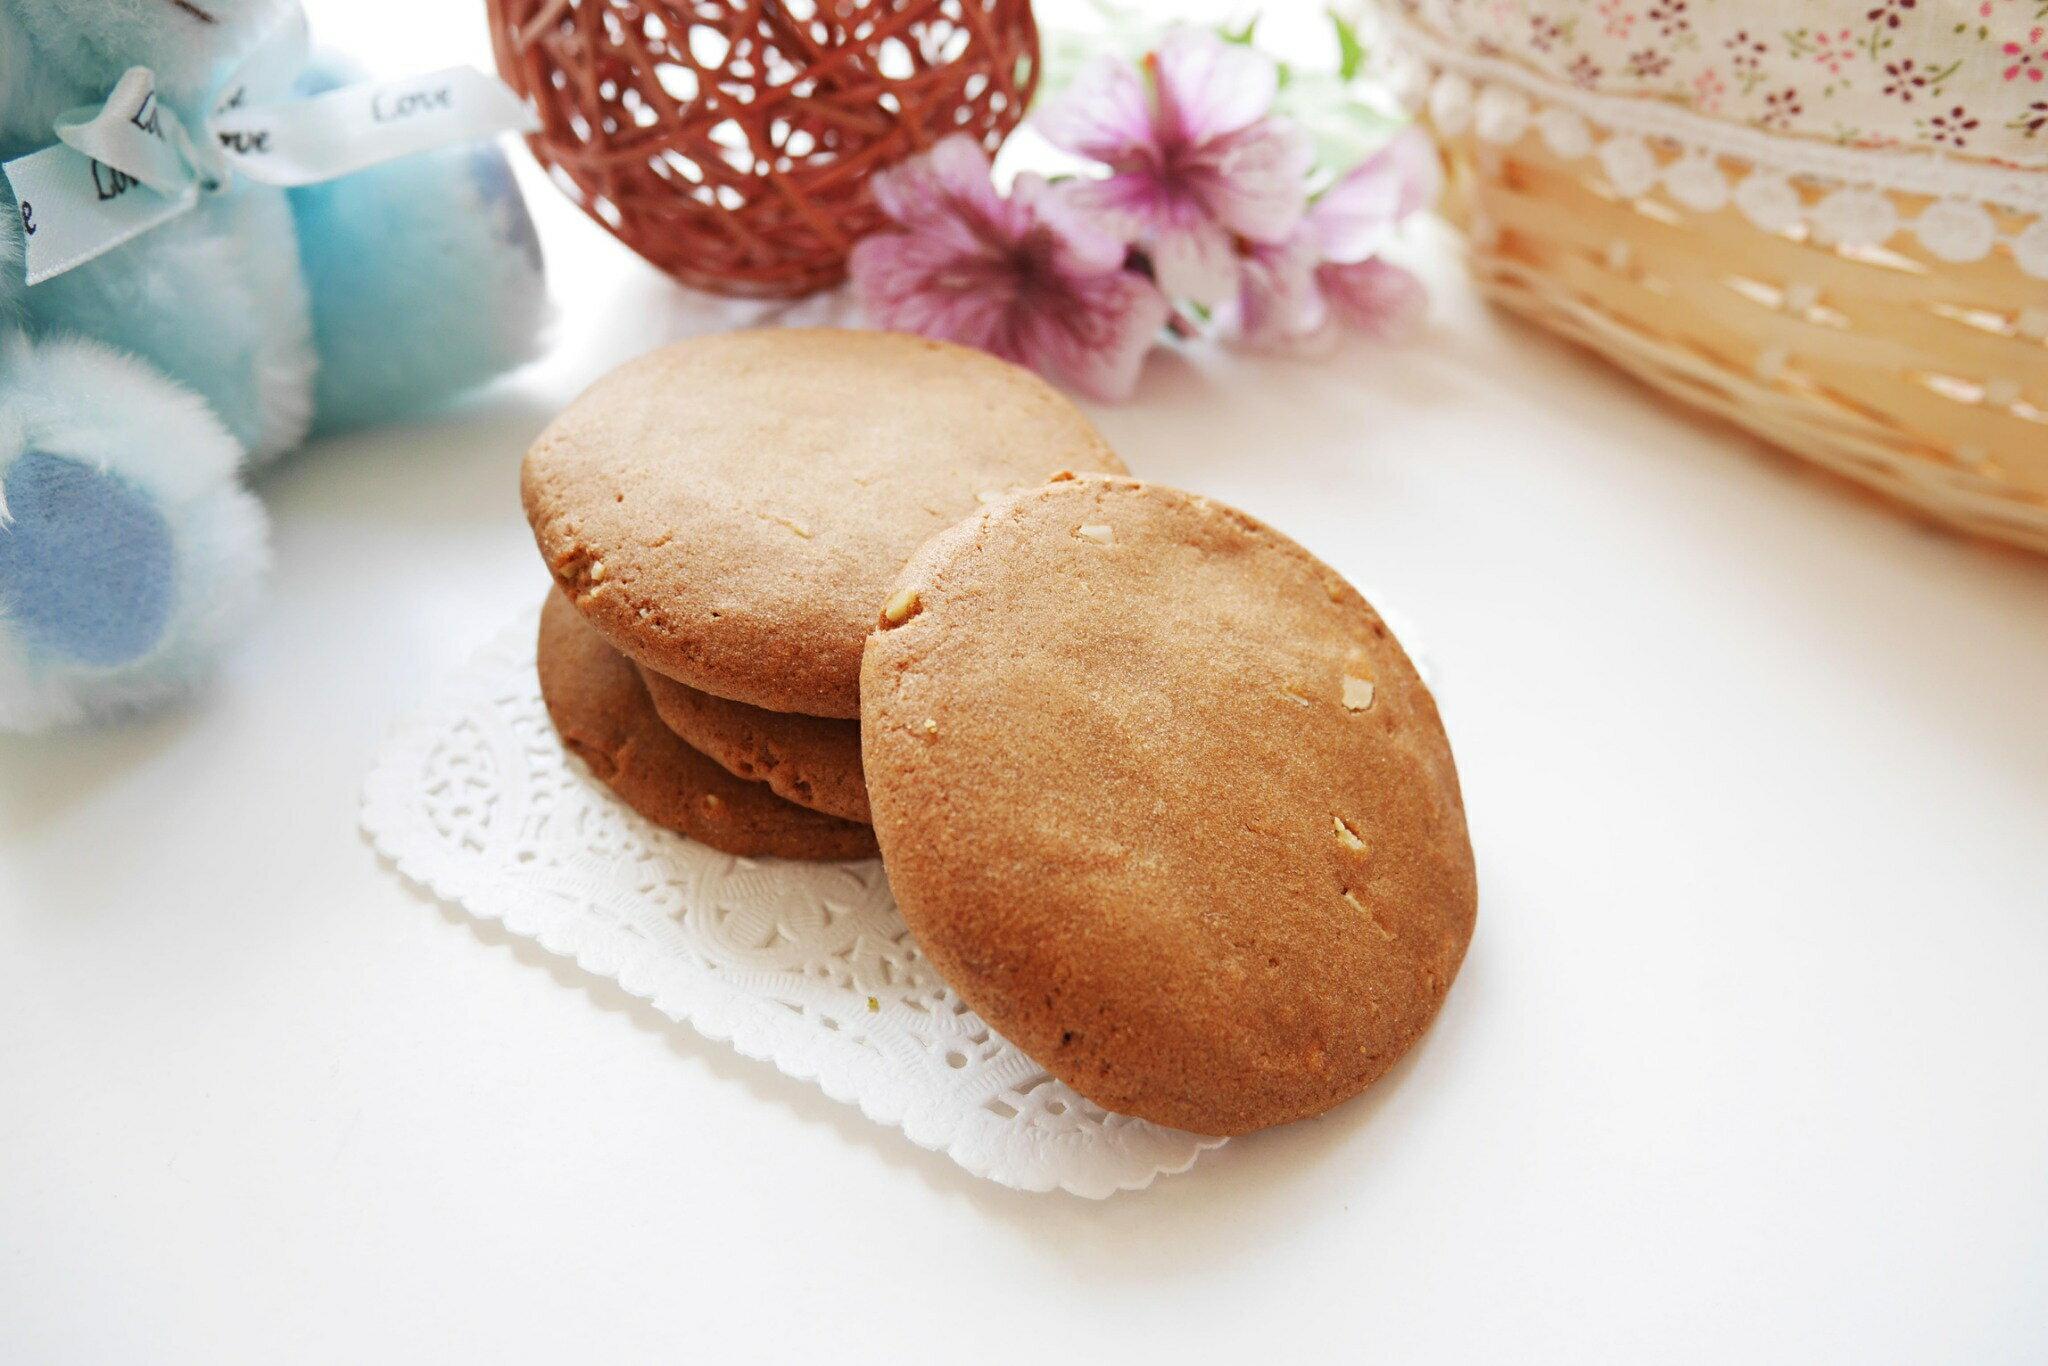 【真的5折免運】阿諾夢想馬戲團餅乾禮盒福箱|馬戲團禮盒+400G義式手工烘焙餅乾自由配 7